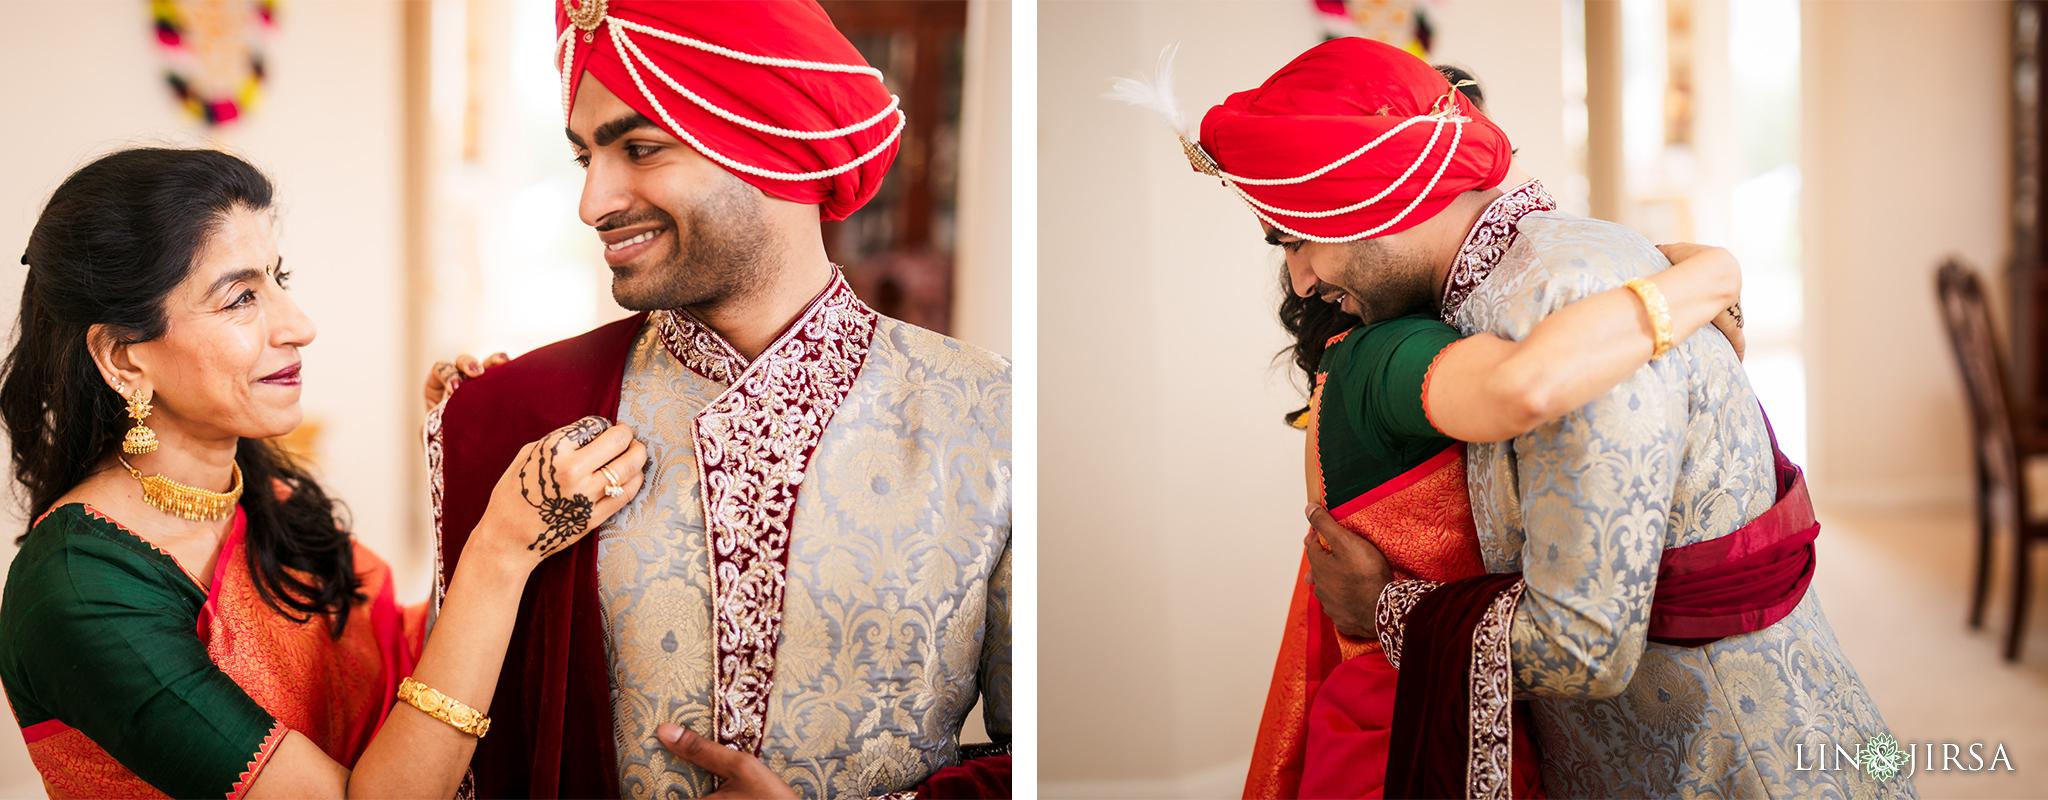 07 Sikh Gurdwara San Jose Punjabi Indian Wedding Photography